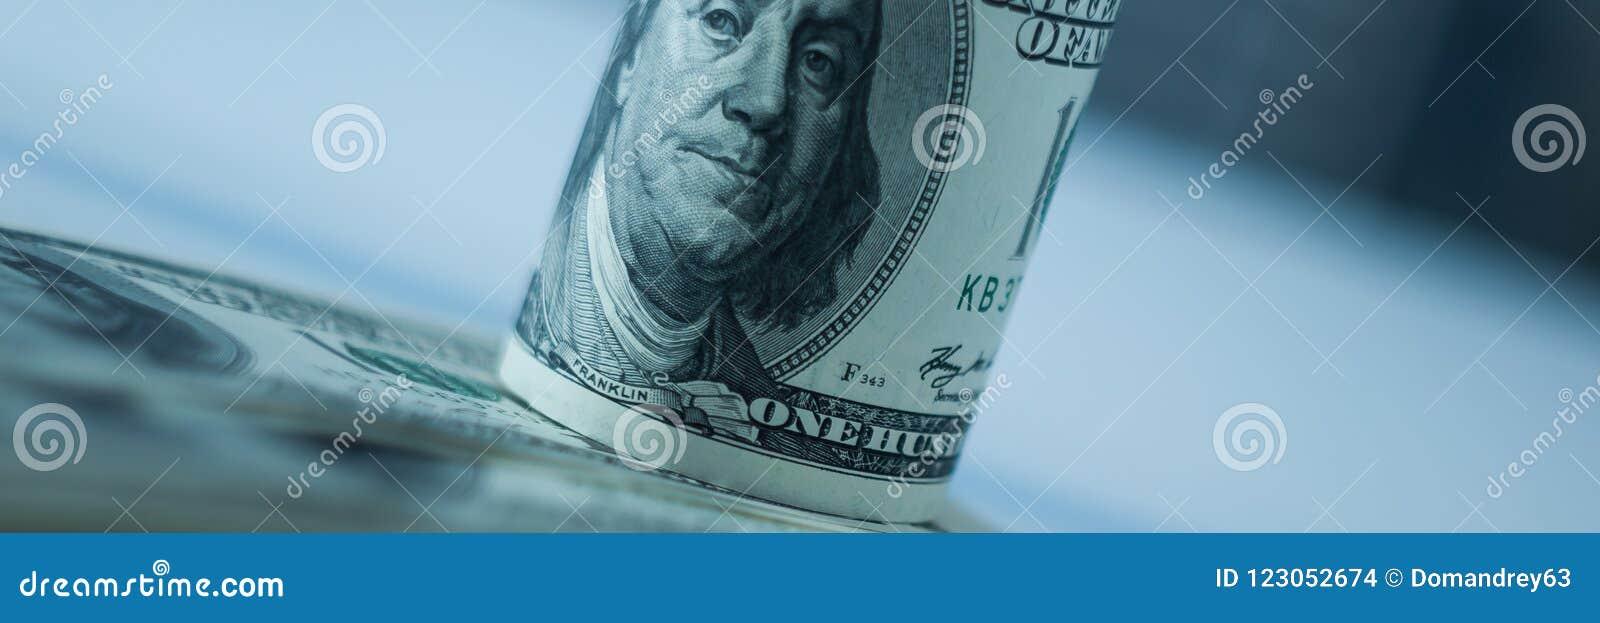 выглядеть серой фото потертостей на сто долларах снежной красавицы